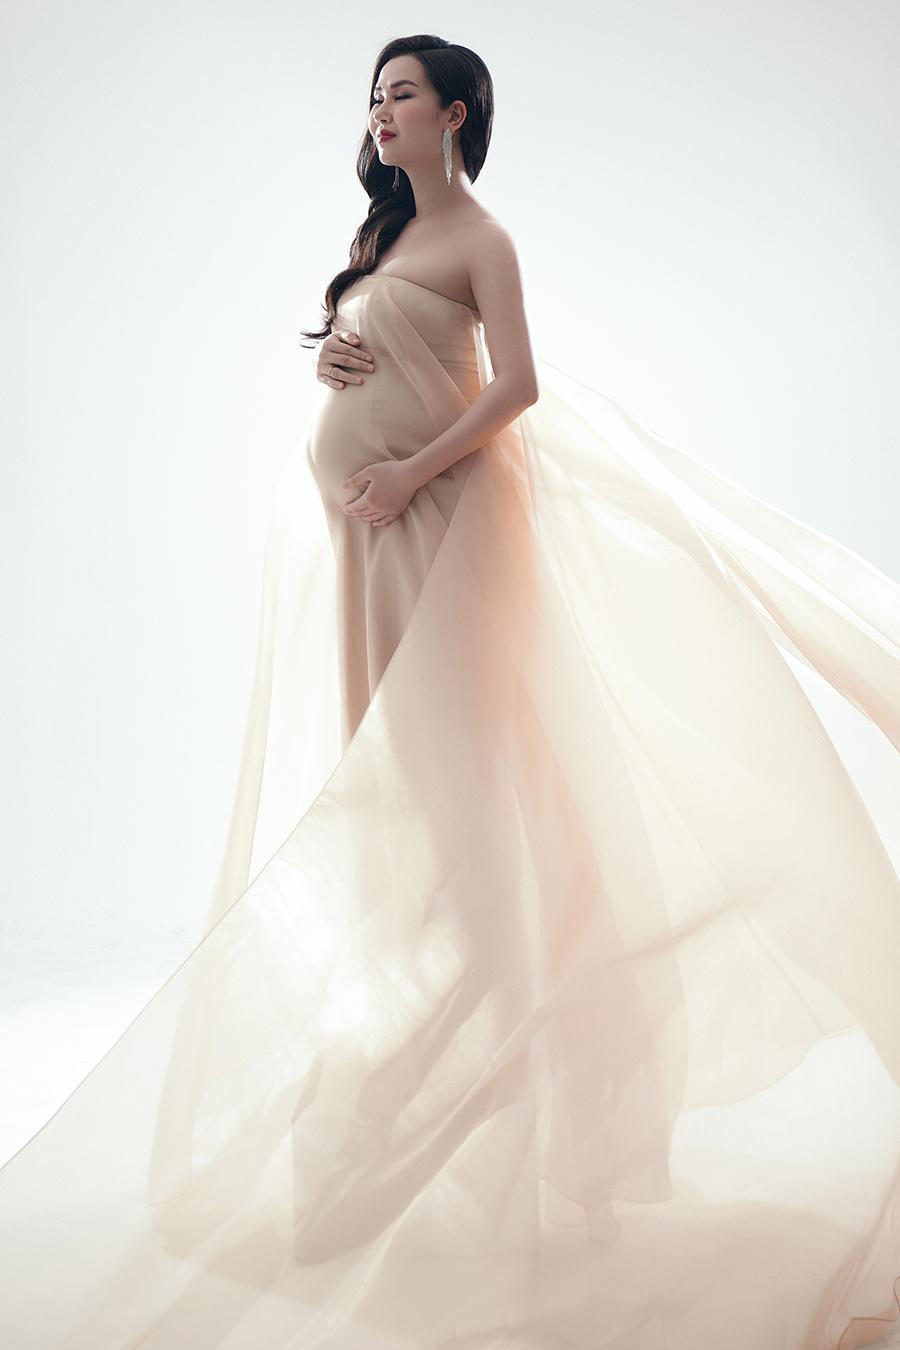 Võ Hạ Trâm đặt may riêng những bộ váy dạ hội với chất liệu lụa cát, mang lại sự thoải mái và dễ chịu cho cô, thả dáng trước ống kính.